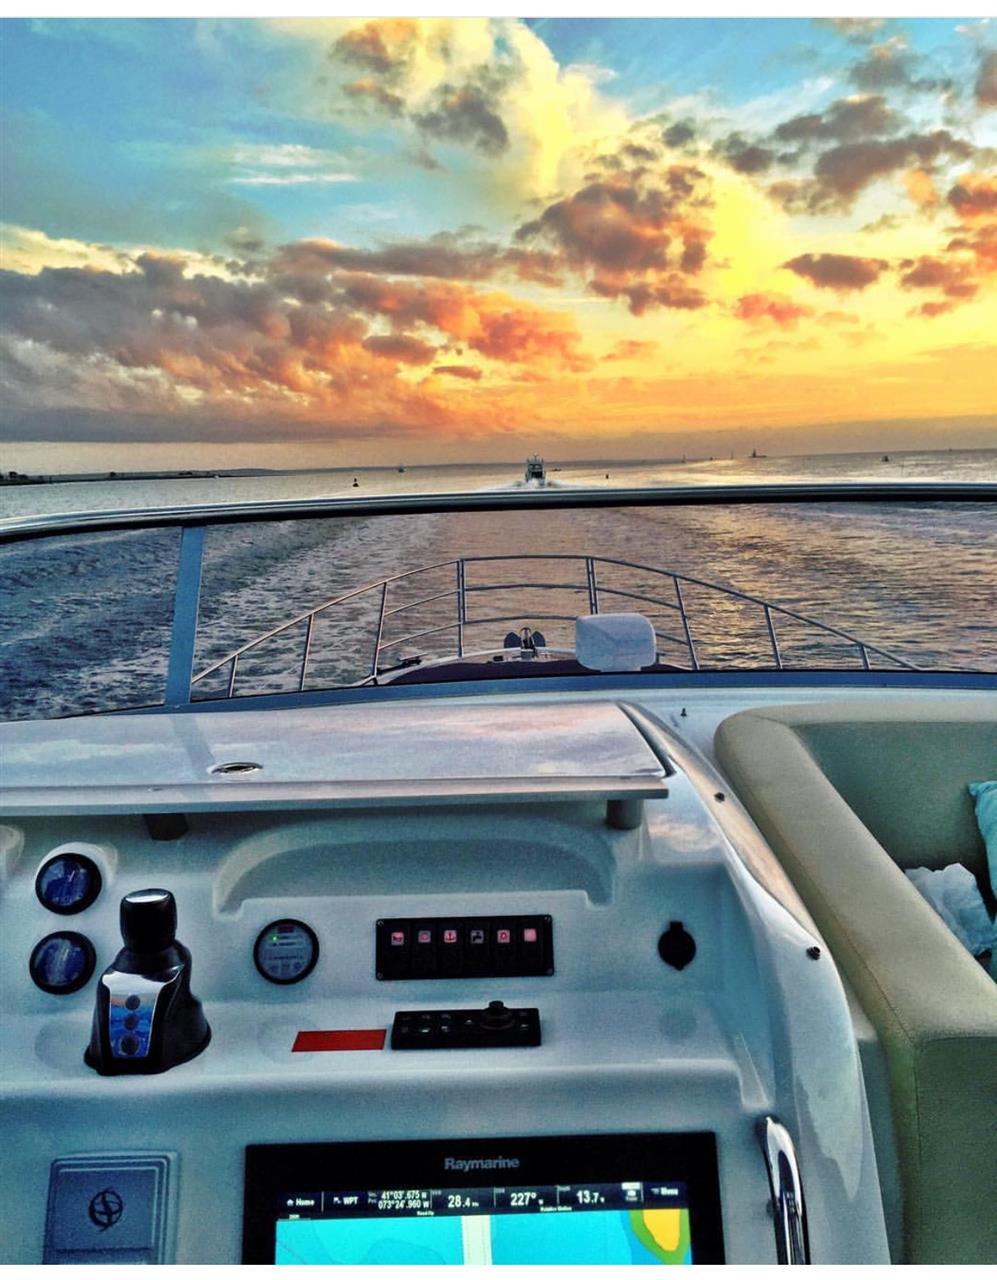 #LongIsland #Boats #Water #Sunset #LongIslandSound